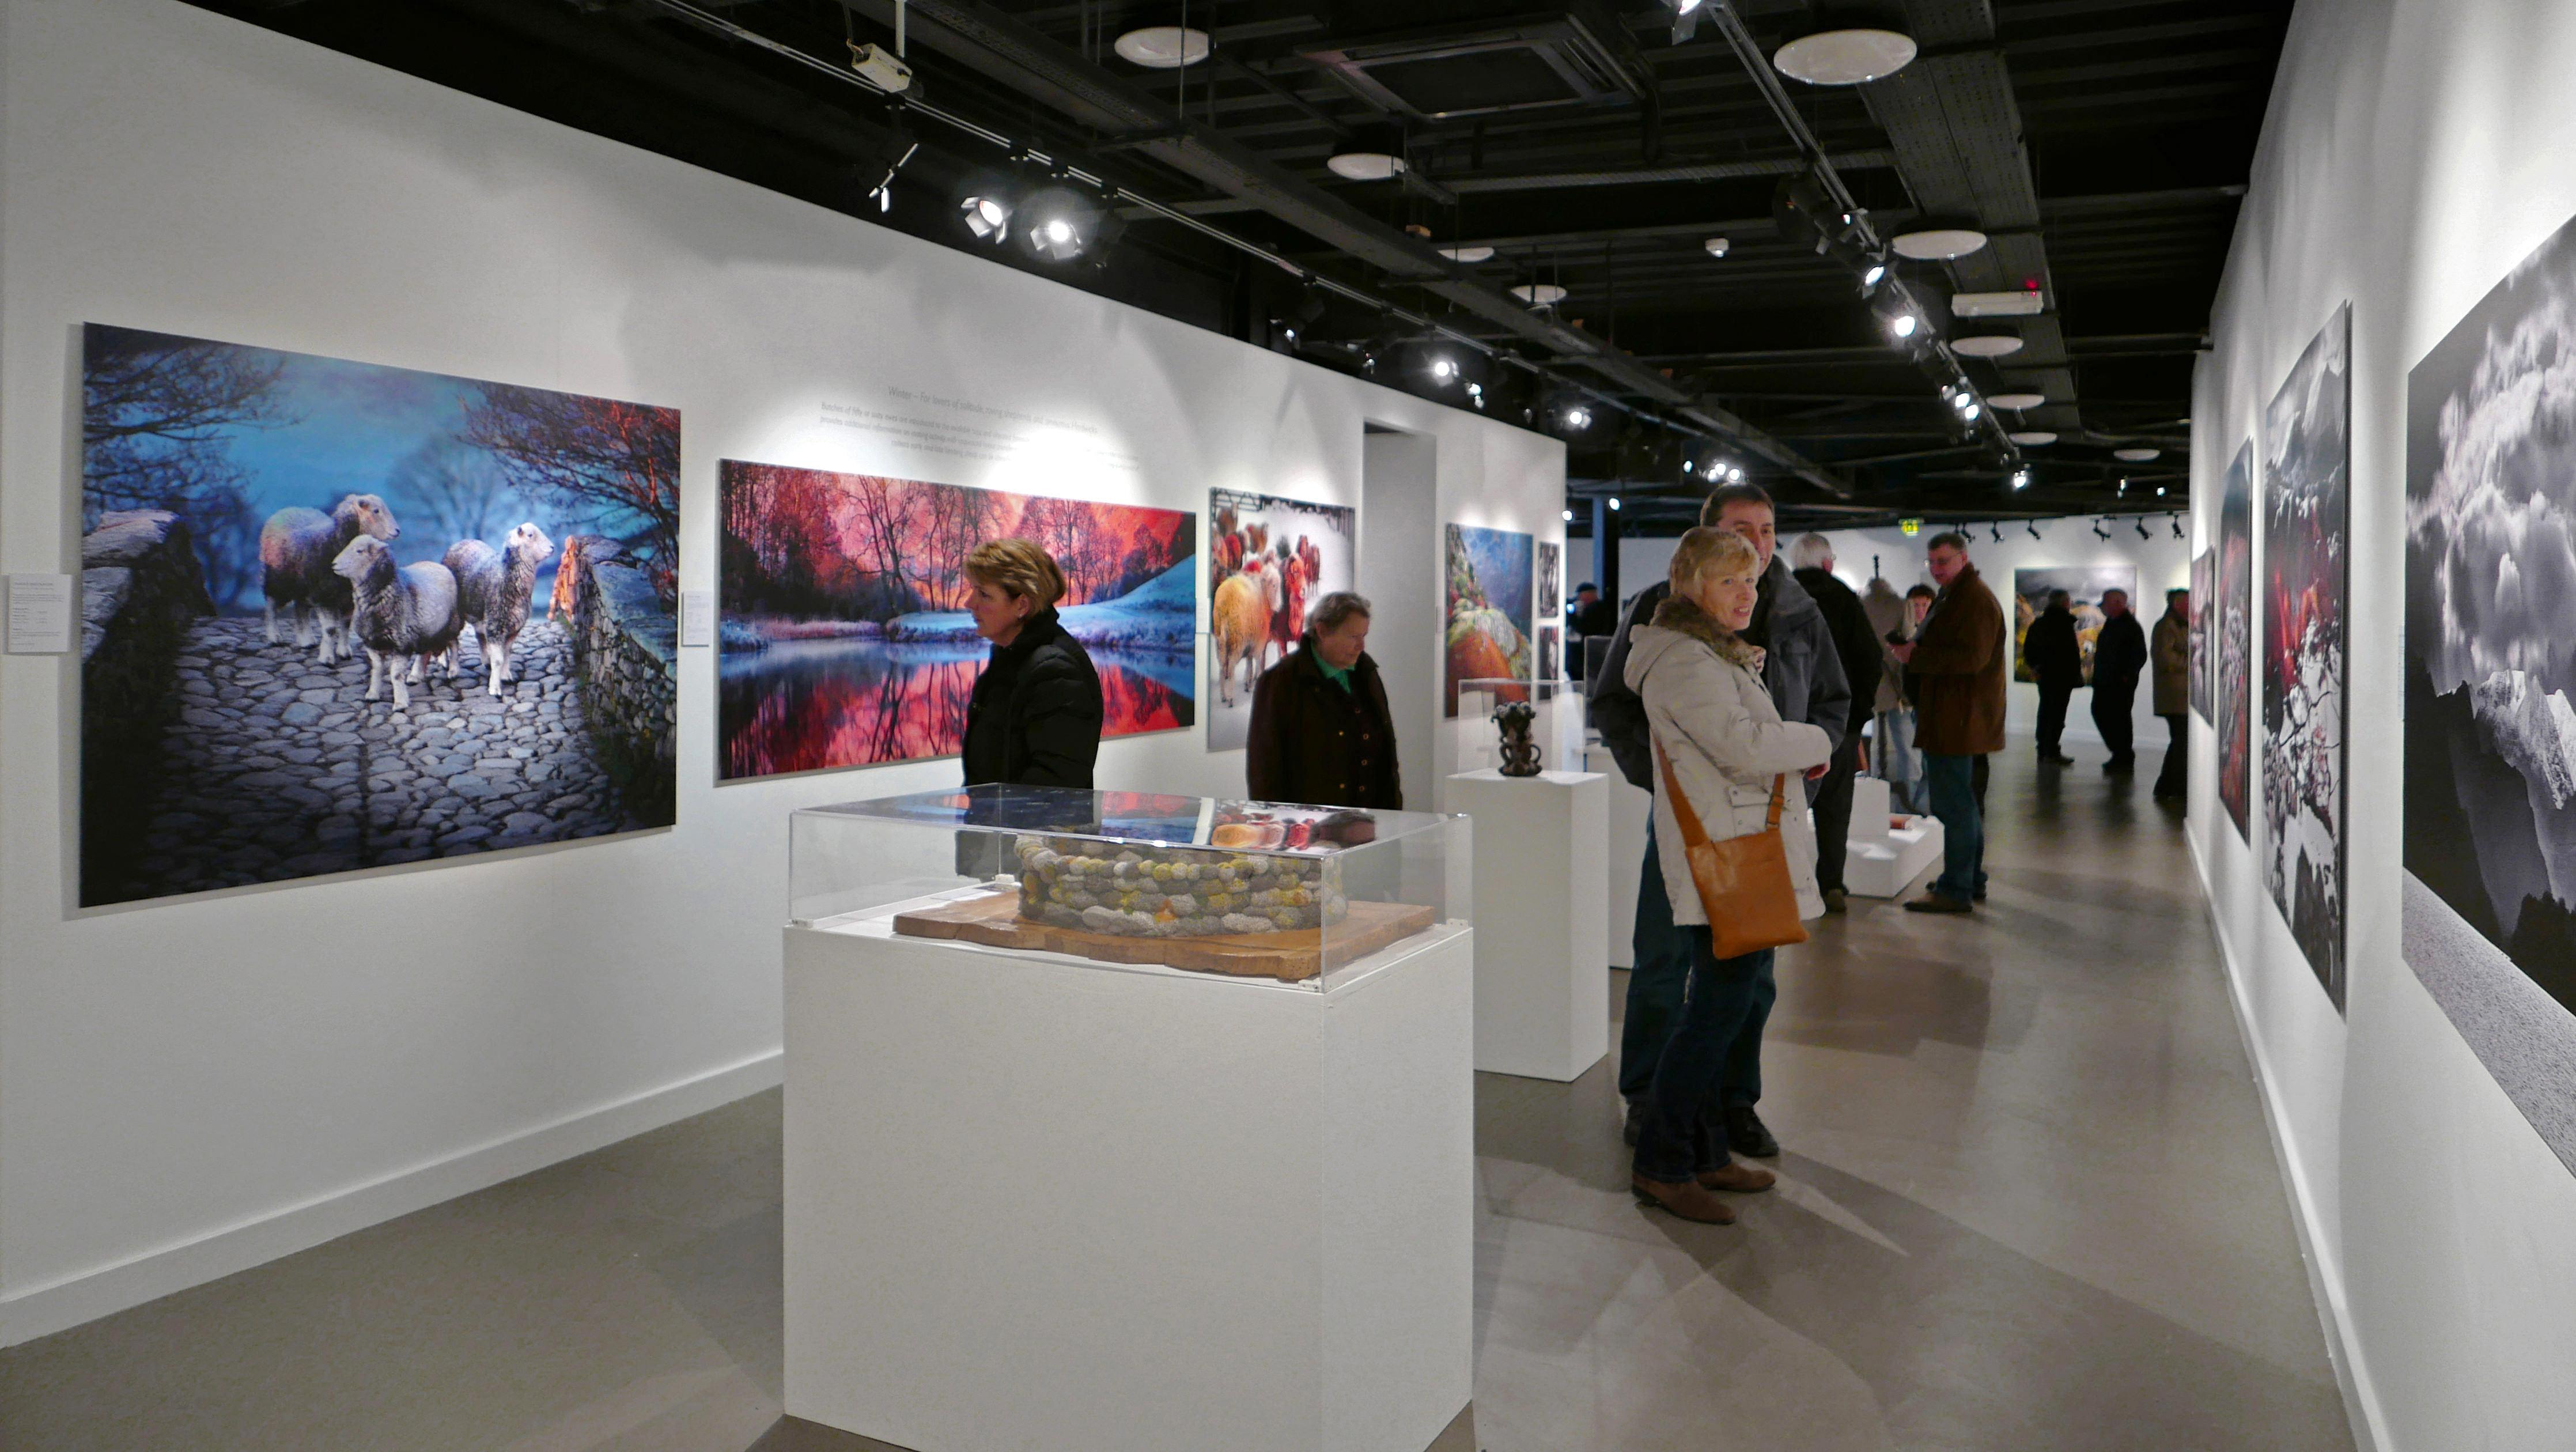 Ian Lawson - Gallery